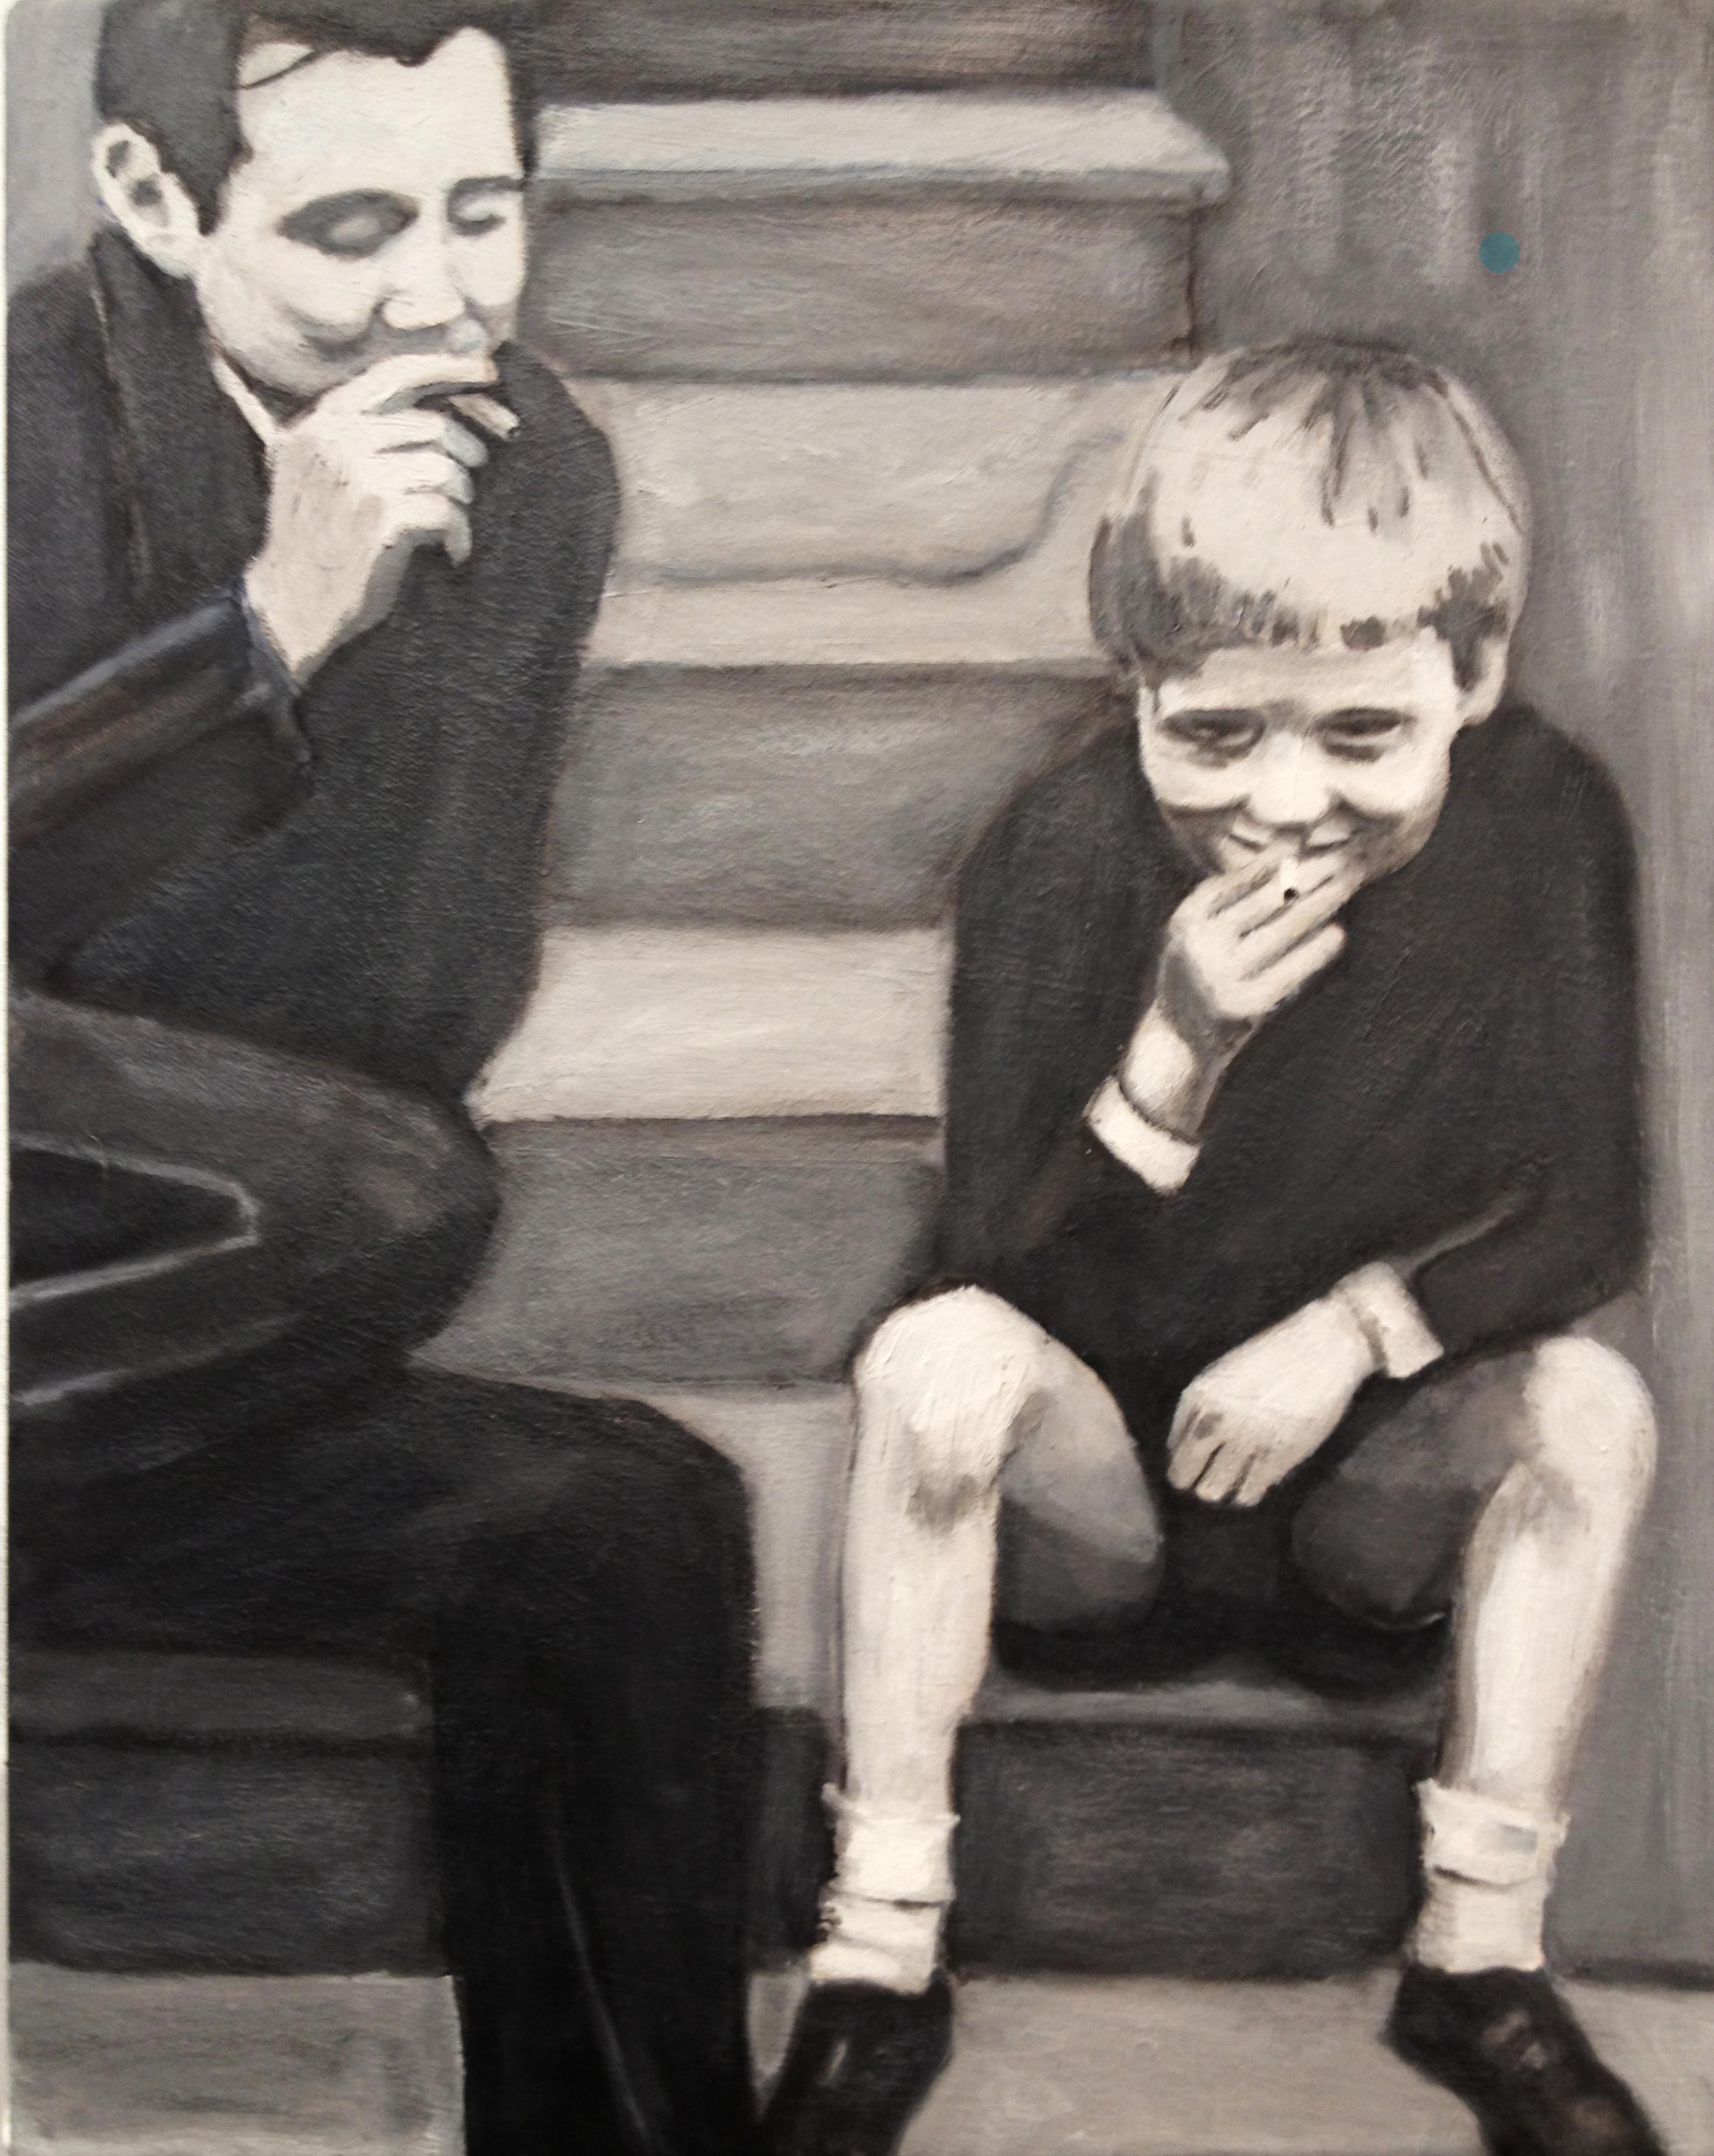 Boys Smoking